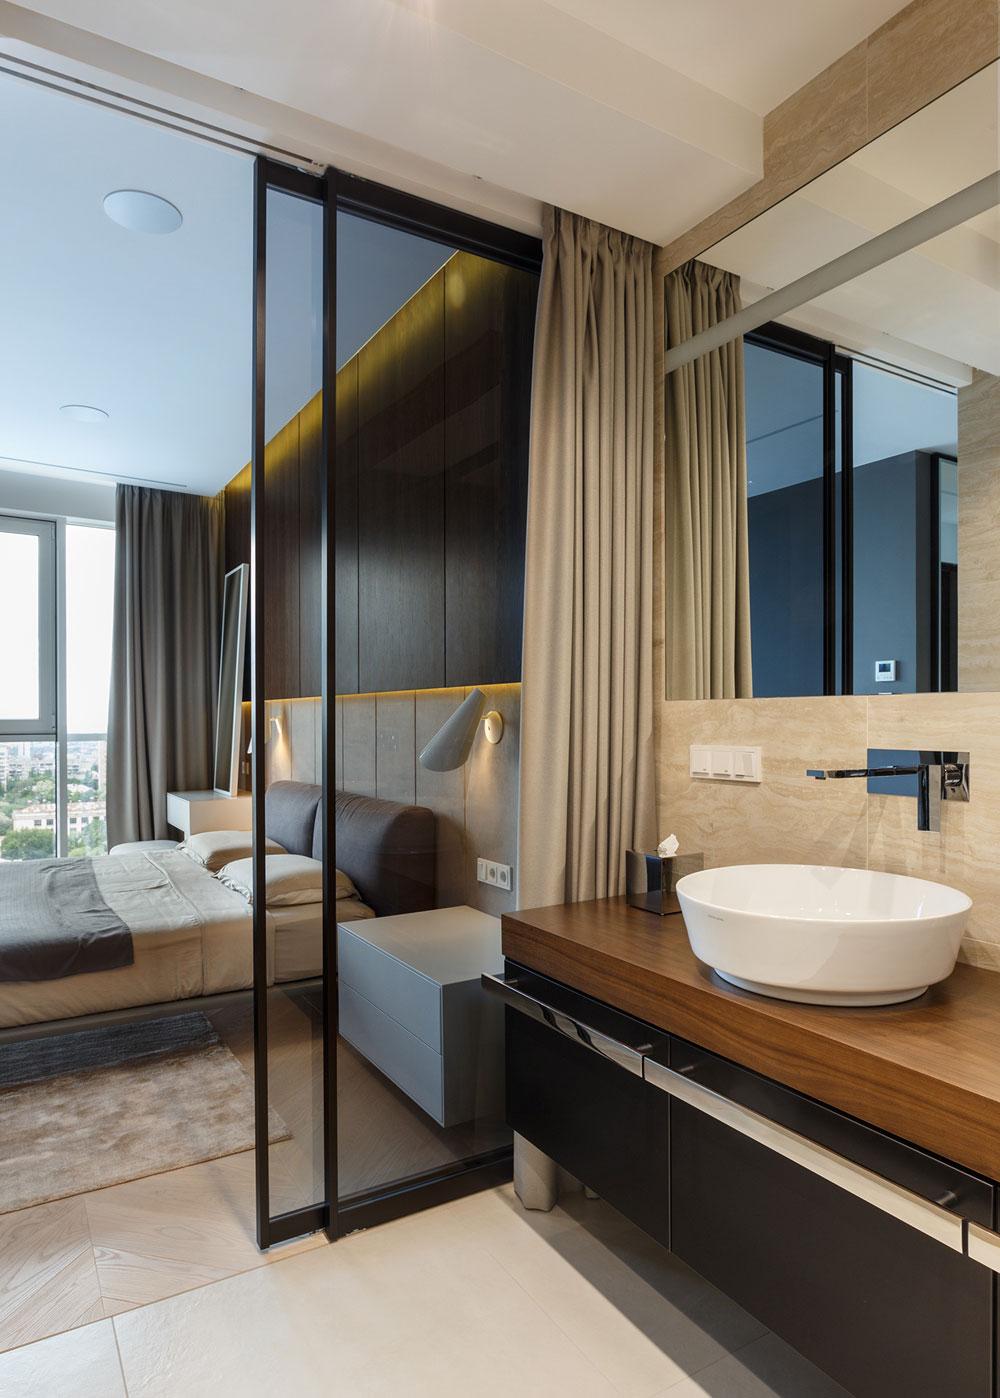 thiết kế nội thất chung cư 110m2 đẹp 2